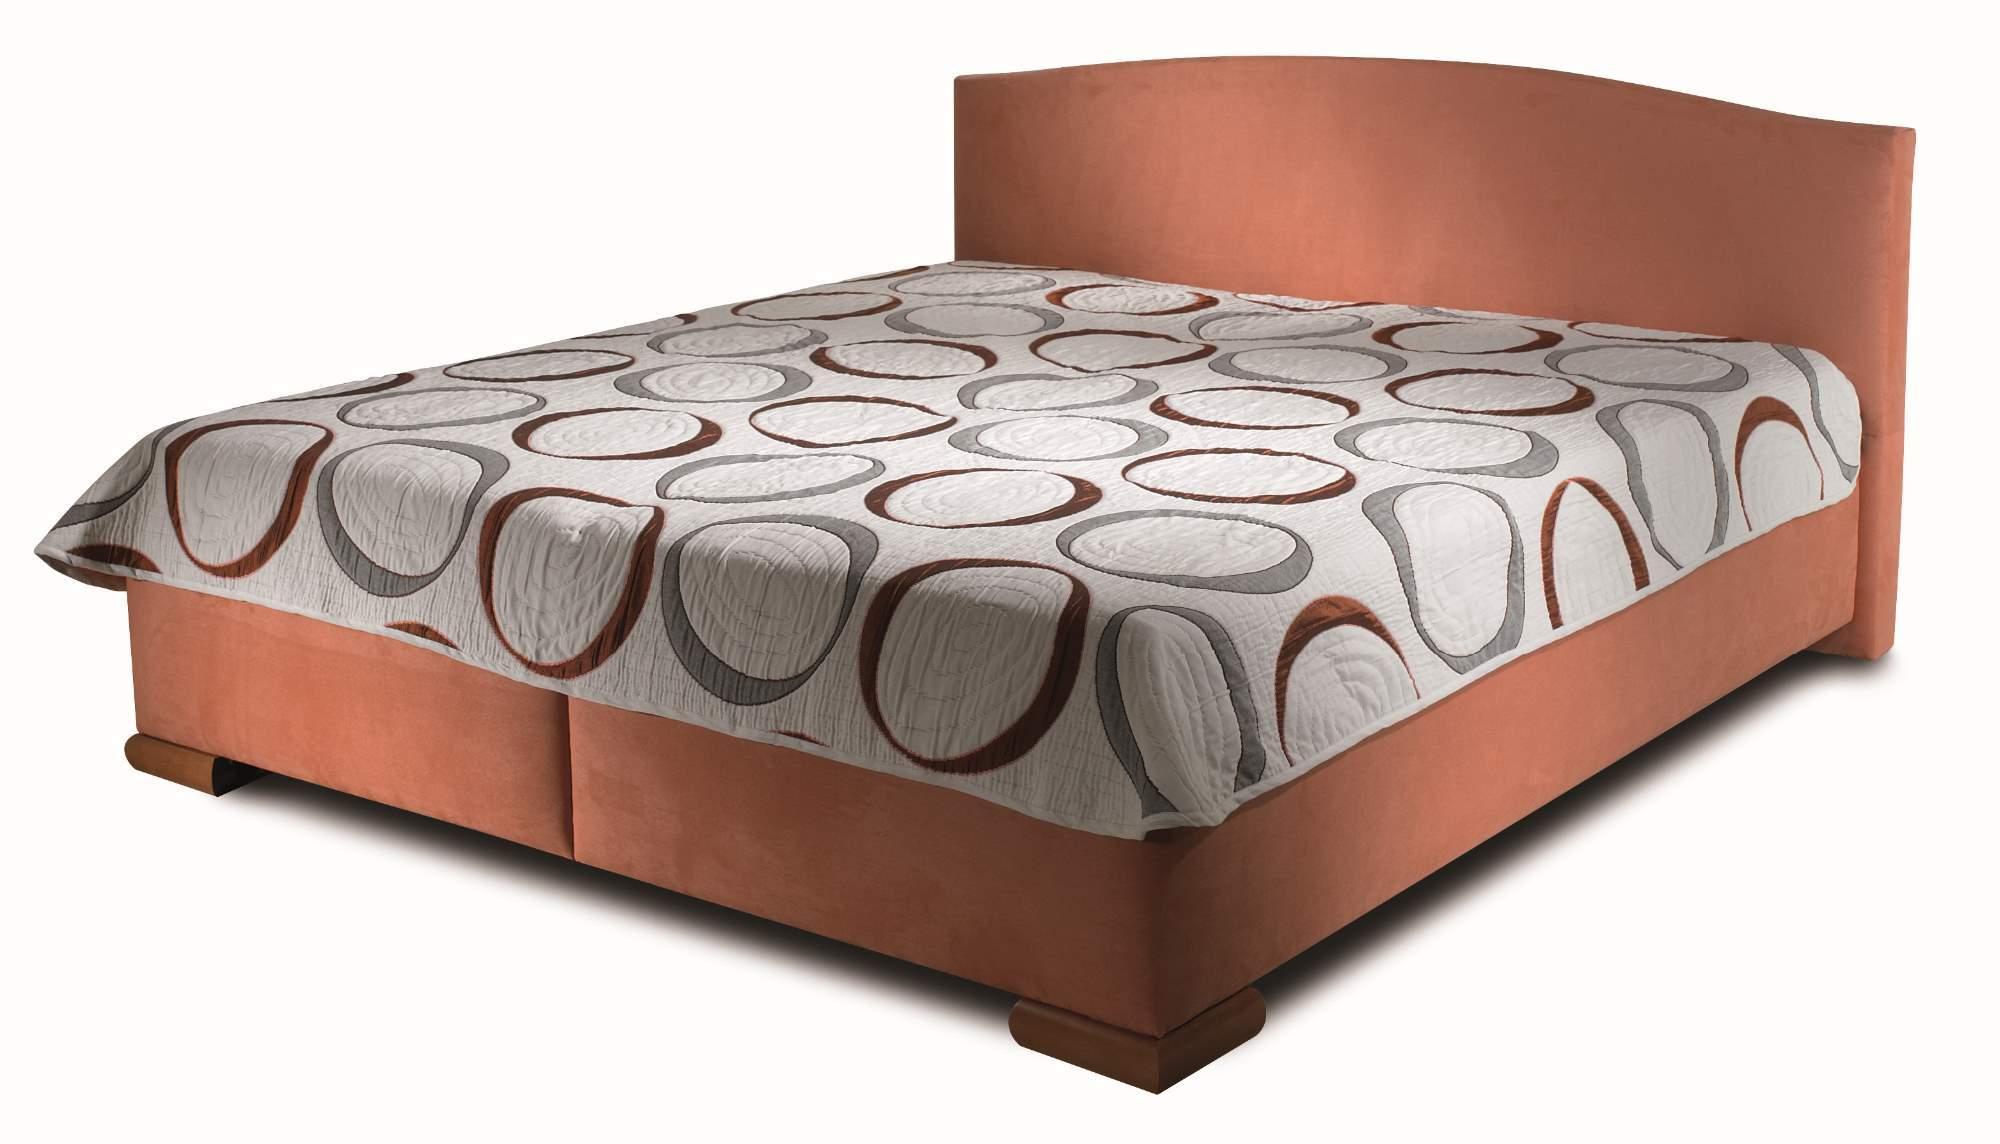 ArtND Manželská posteľ Barbara 160 Varianta: s roštom / bez matraca